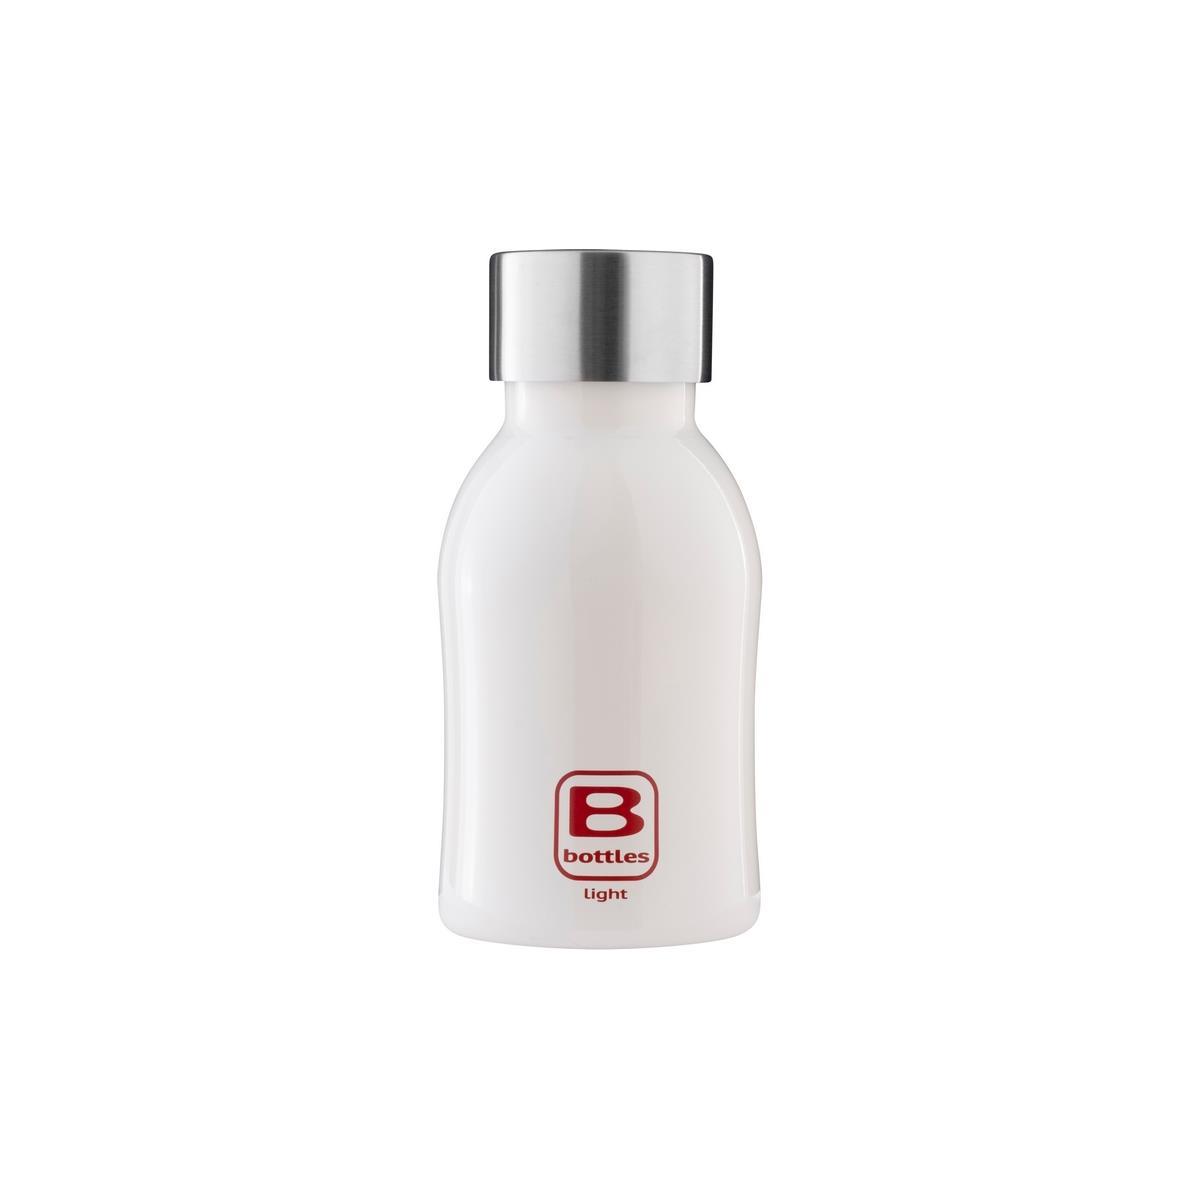 B Bottles Light - Bianco Bright - 350 ml - Bottiglia in acciaio inox 18/10 ultra leggera e compatta